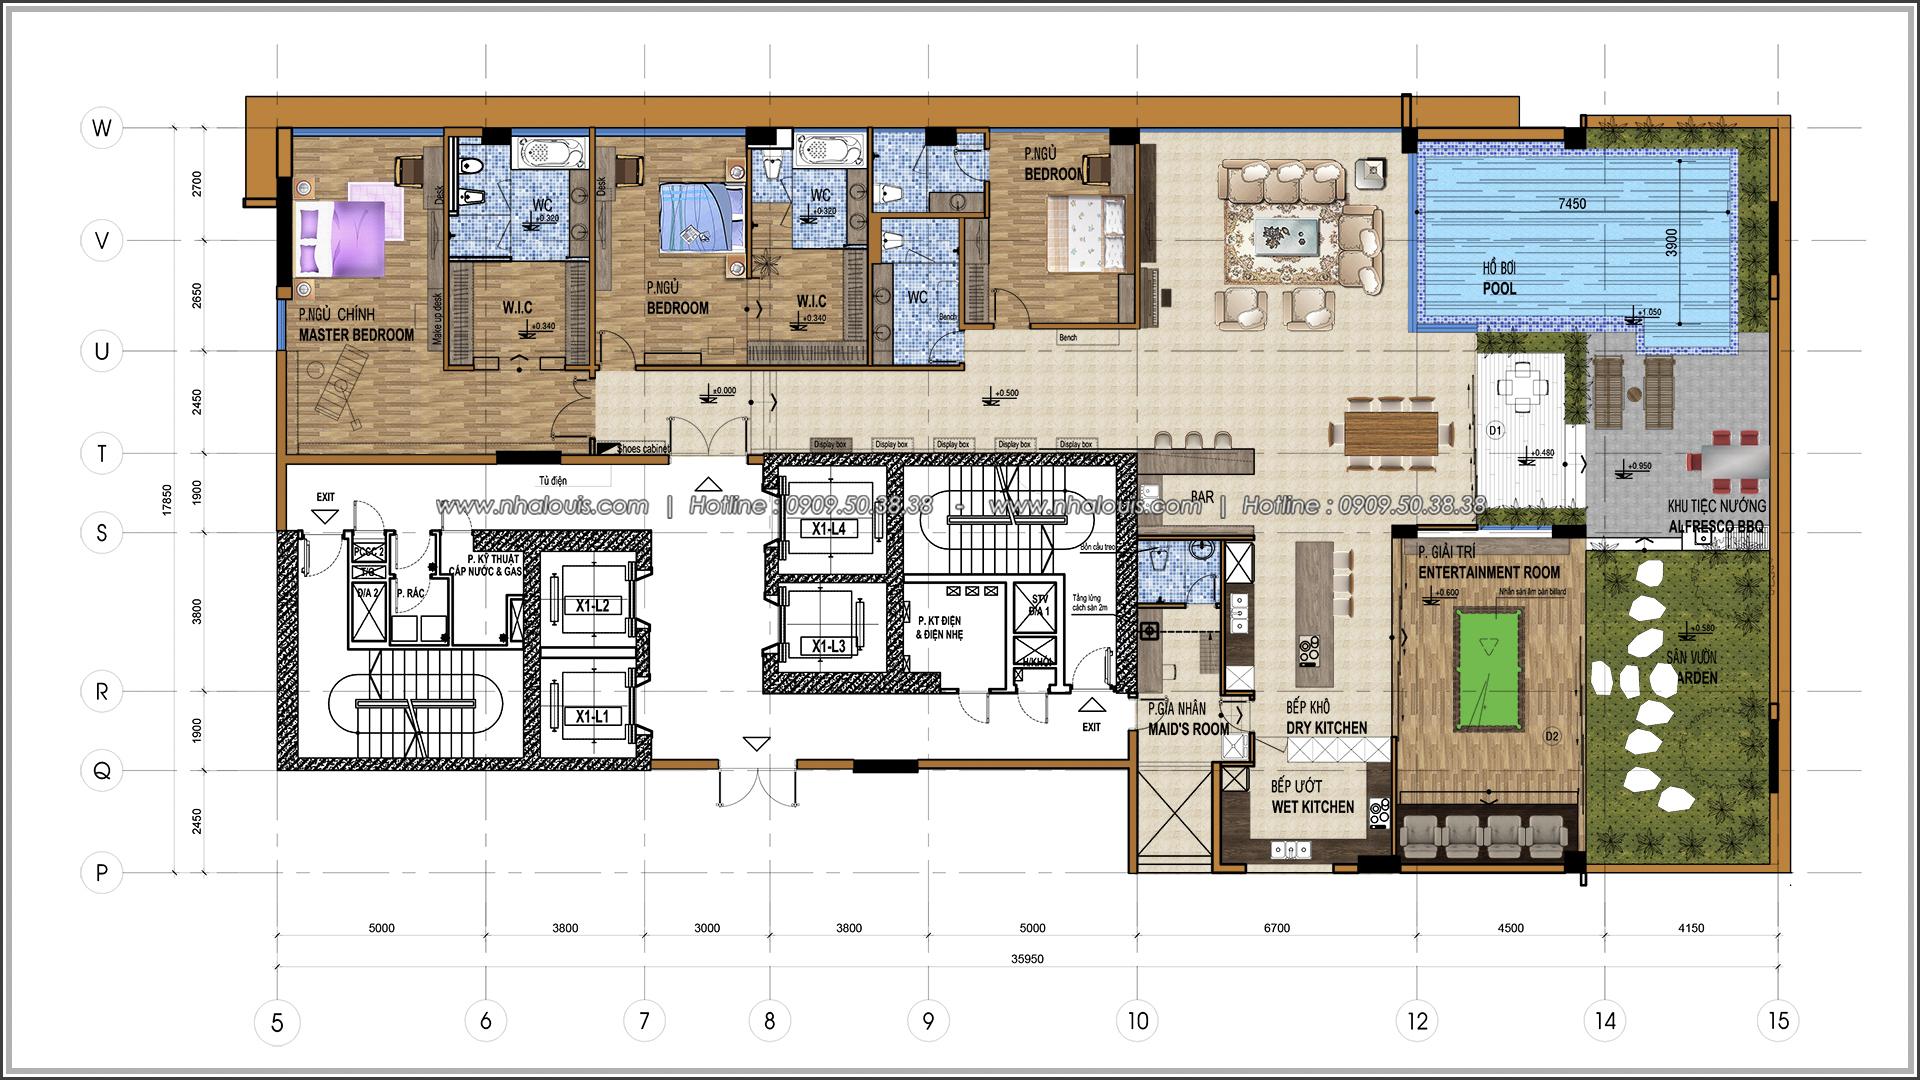 Thiết kế nội thất chung cư hiện đại tại dự án căn hộ cao cấp Sunrise City - 01